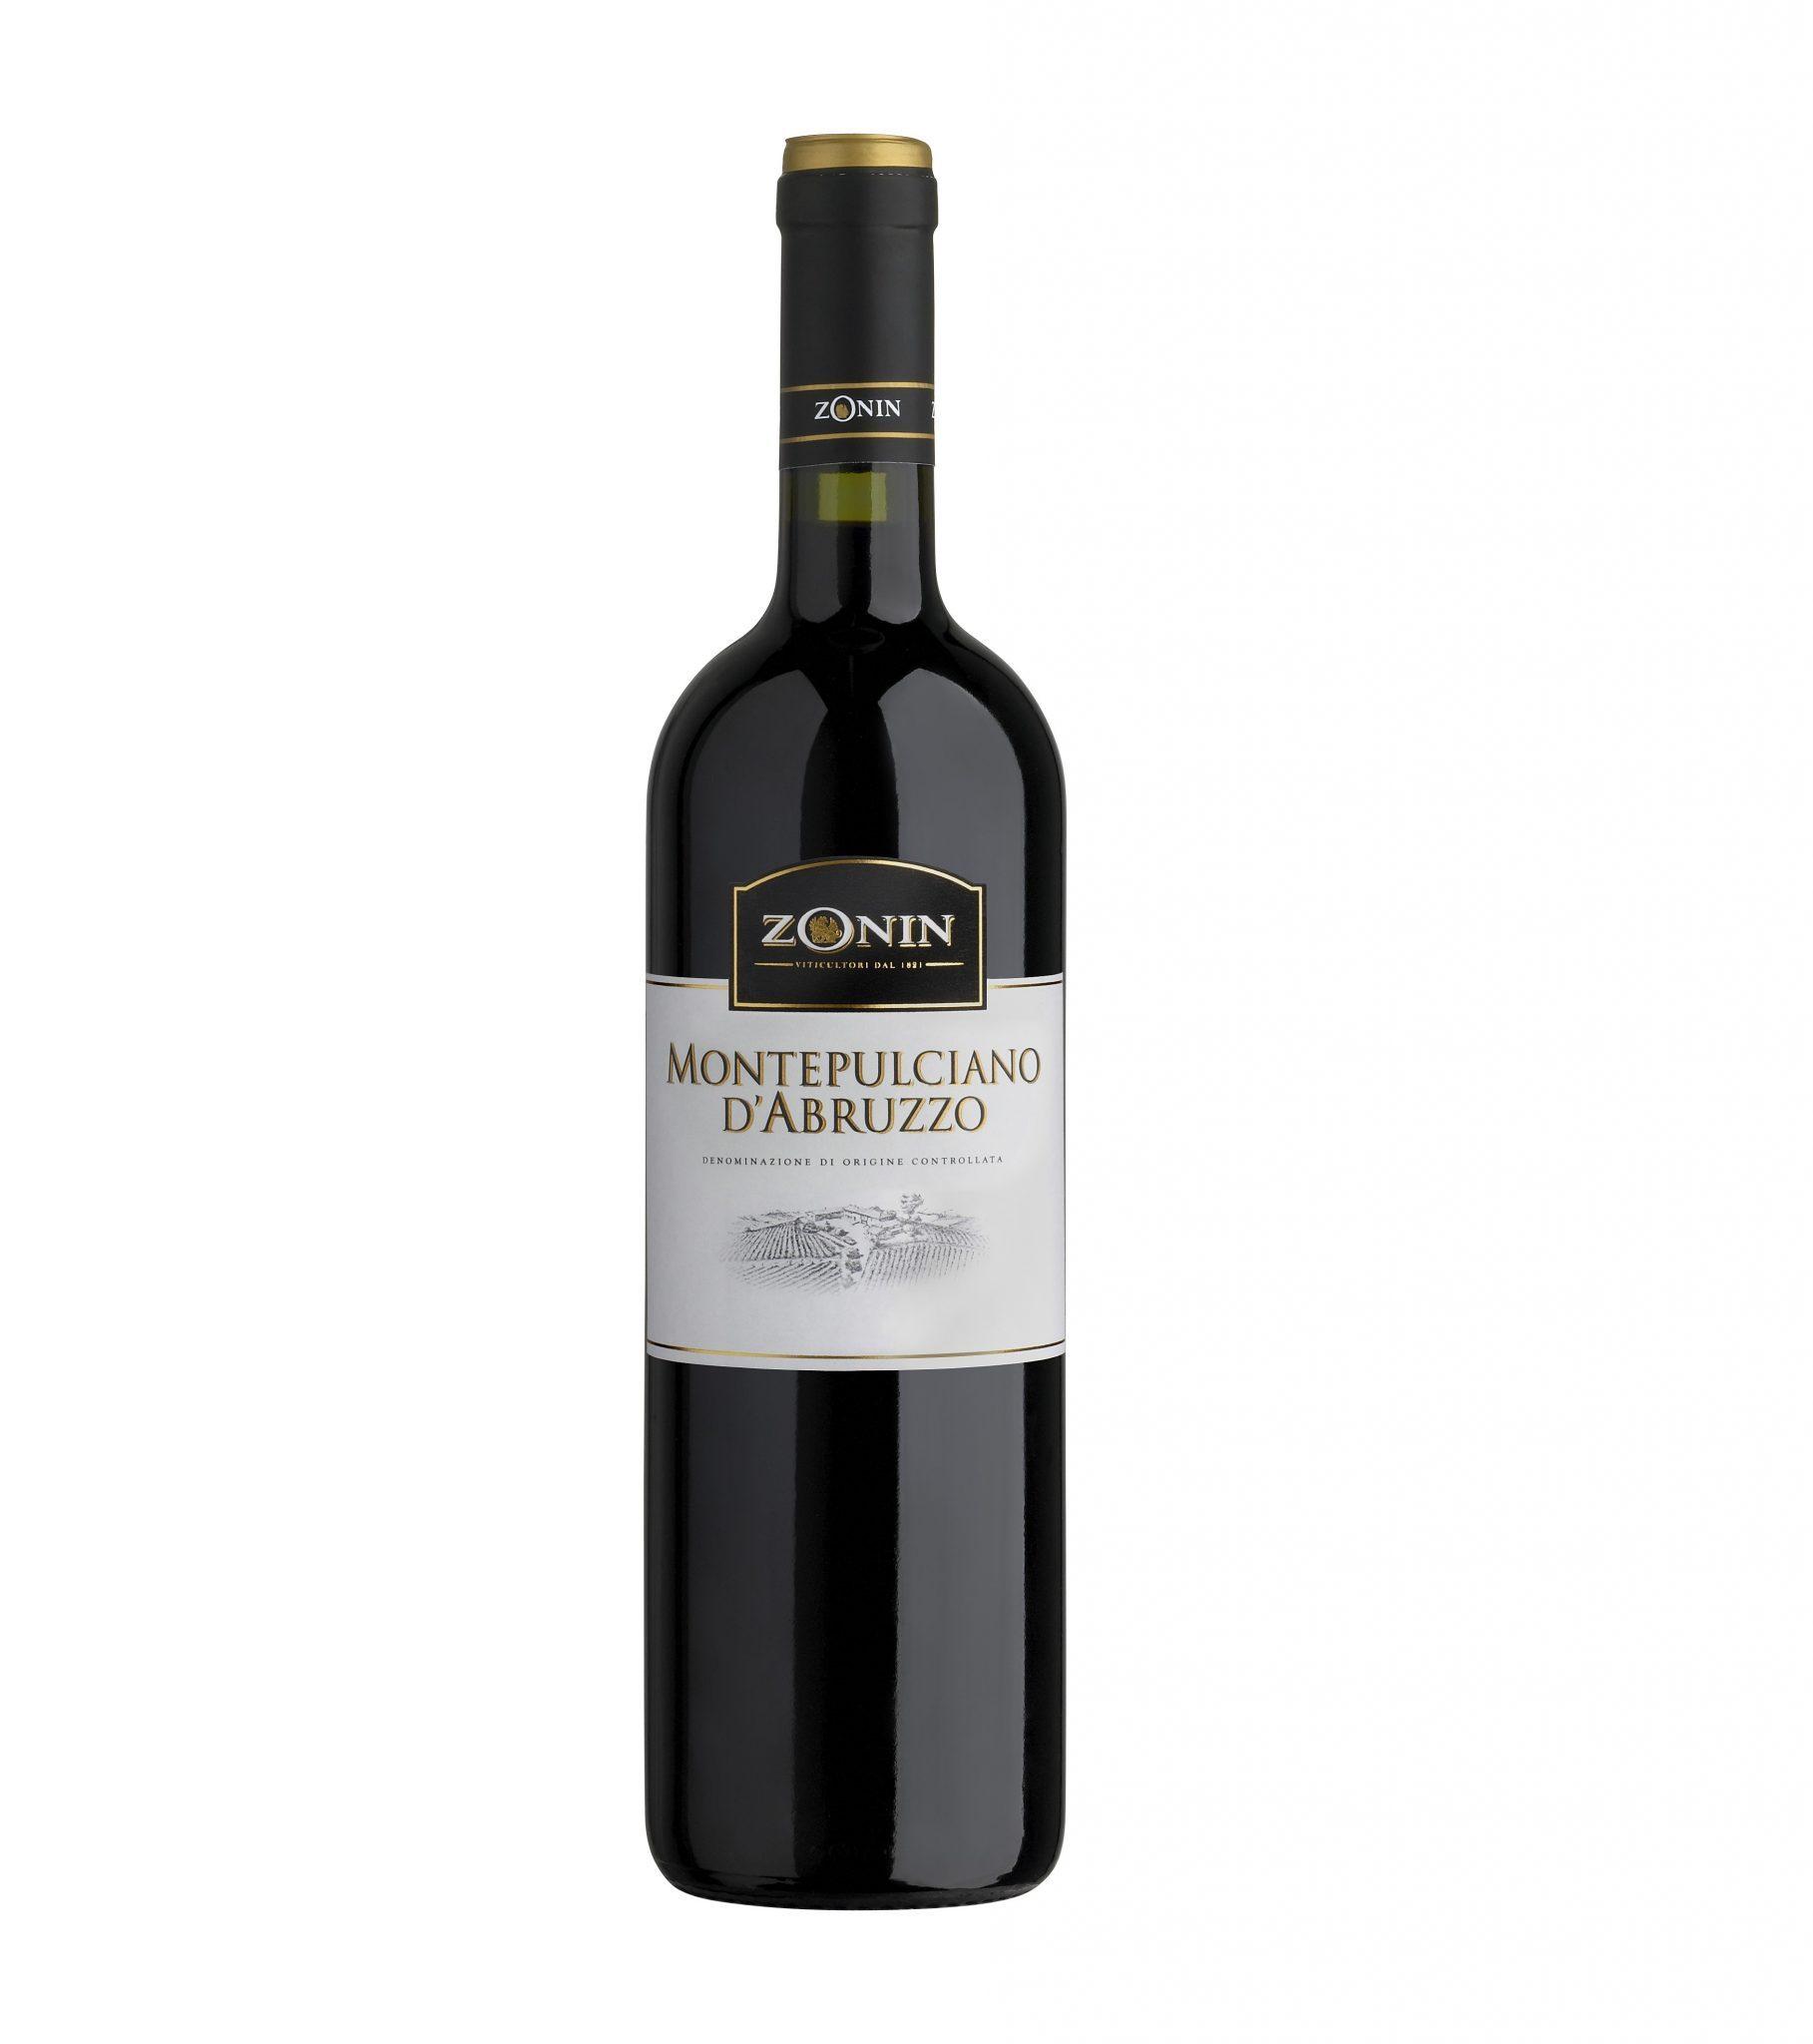 Vino italiano Montepulciano D'abruzzo